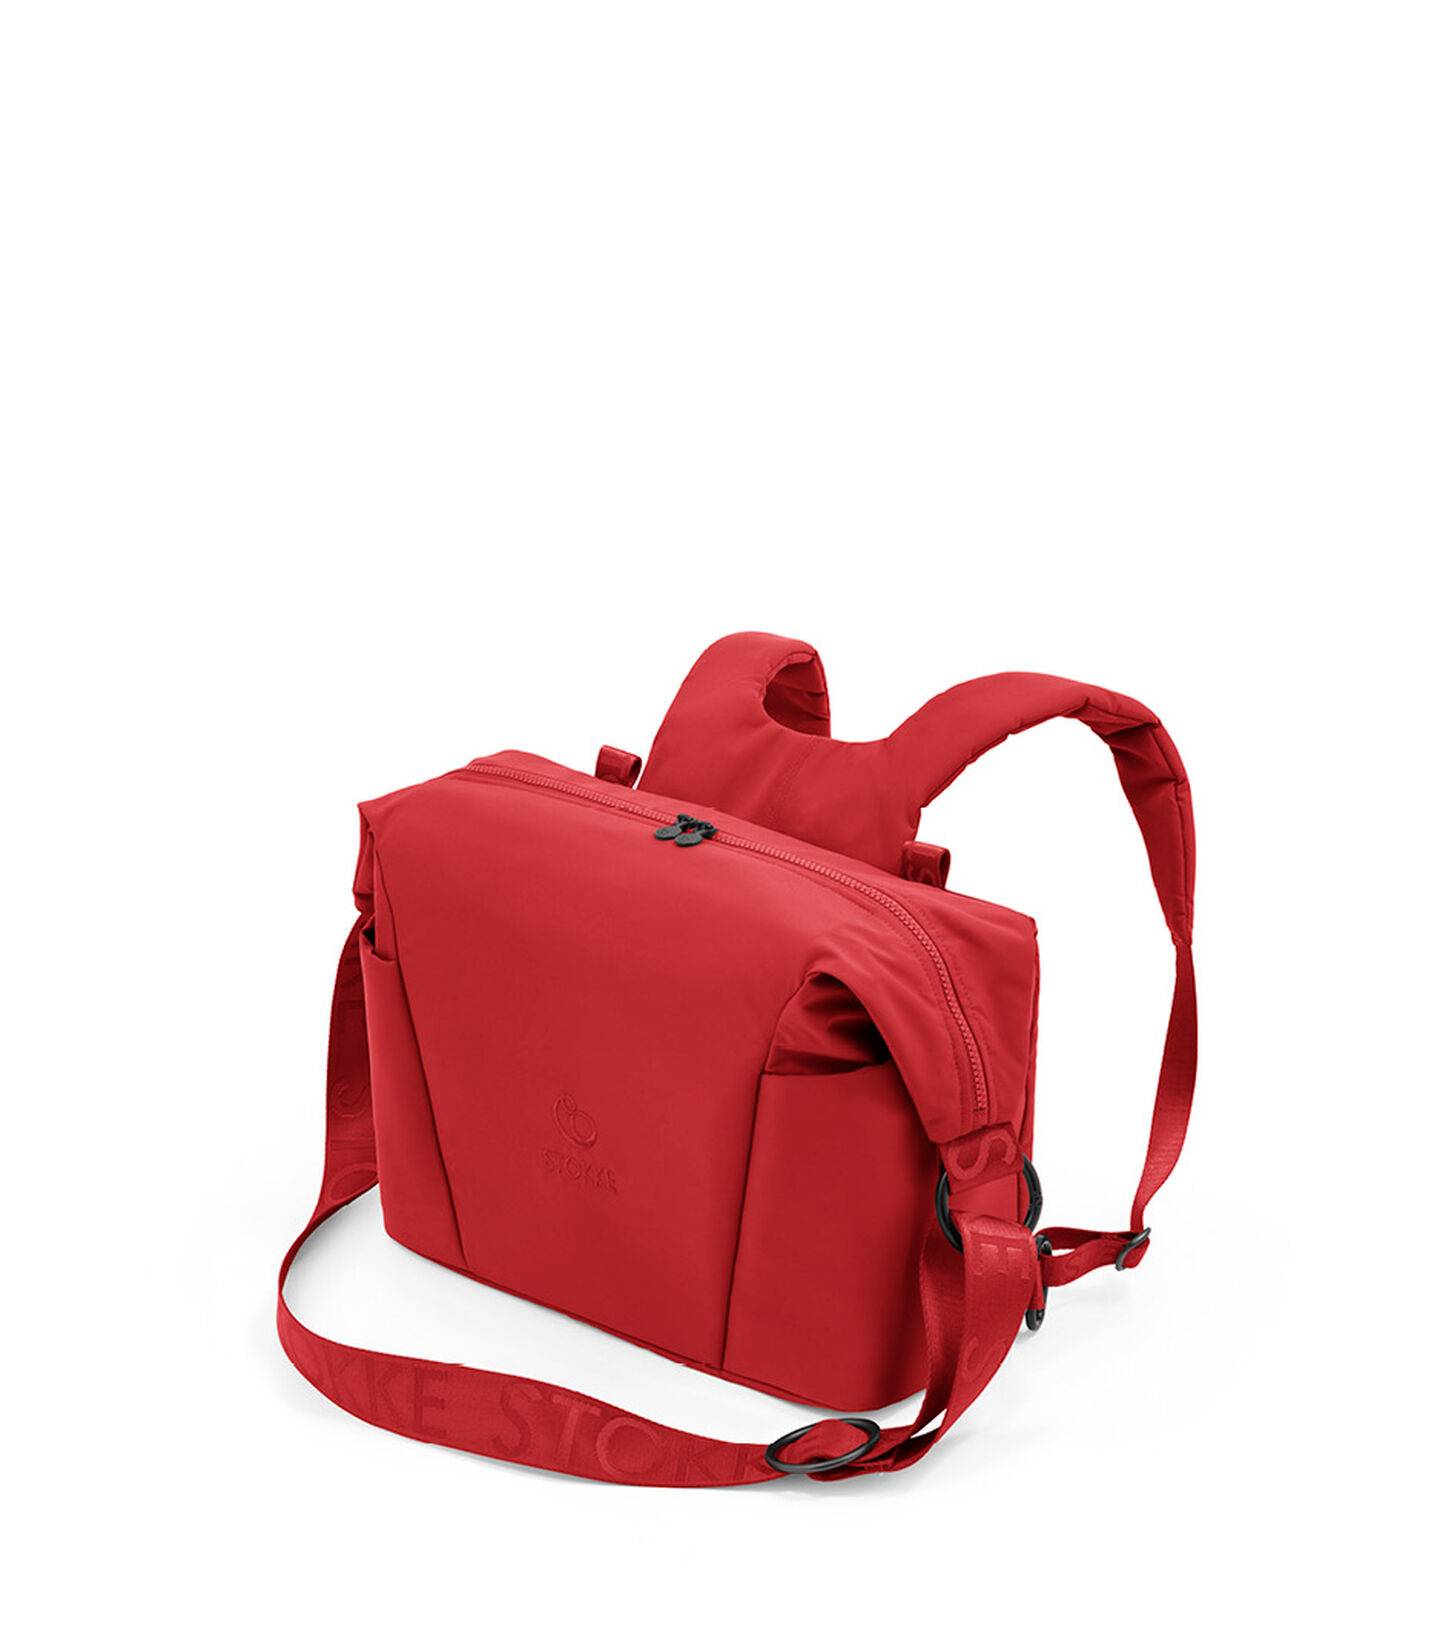 Stokke® Xplory® X-skötväska Ruby Red, Ruby Red, mainview view 1